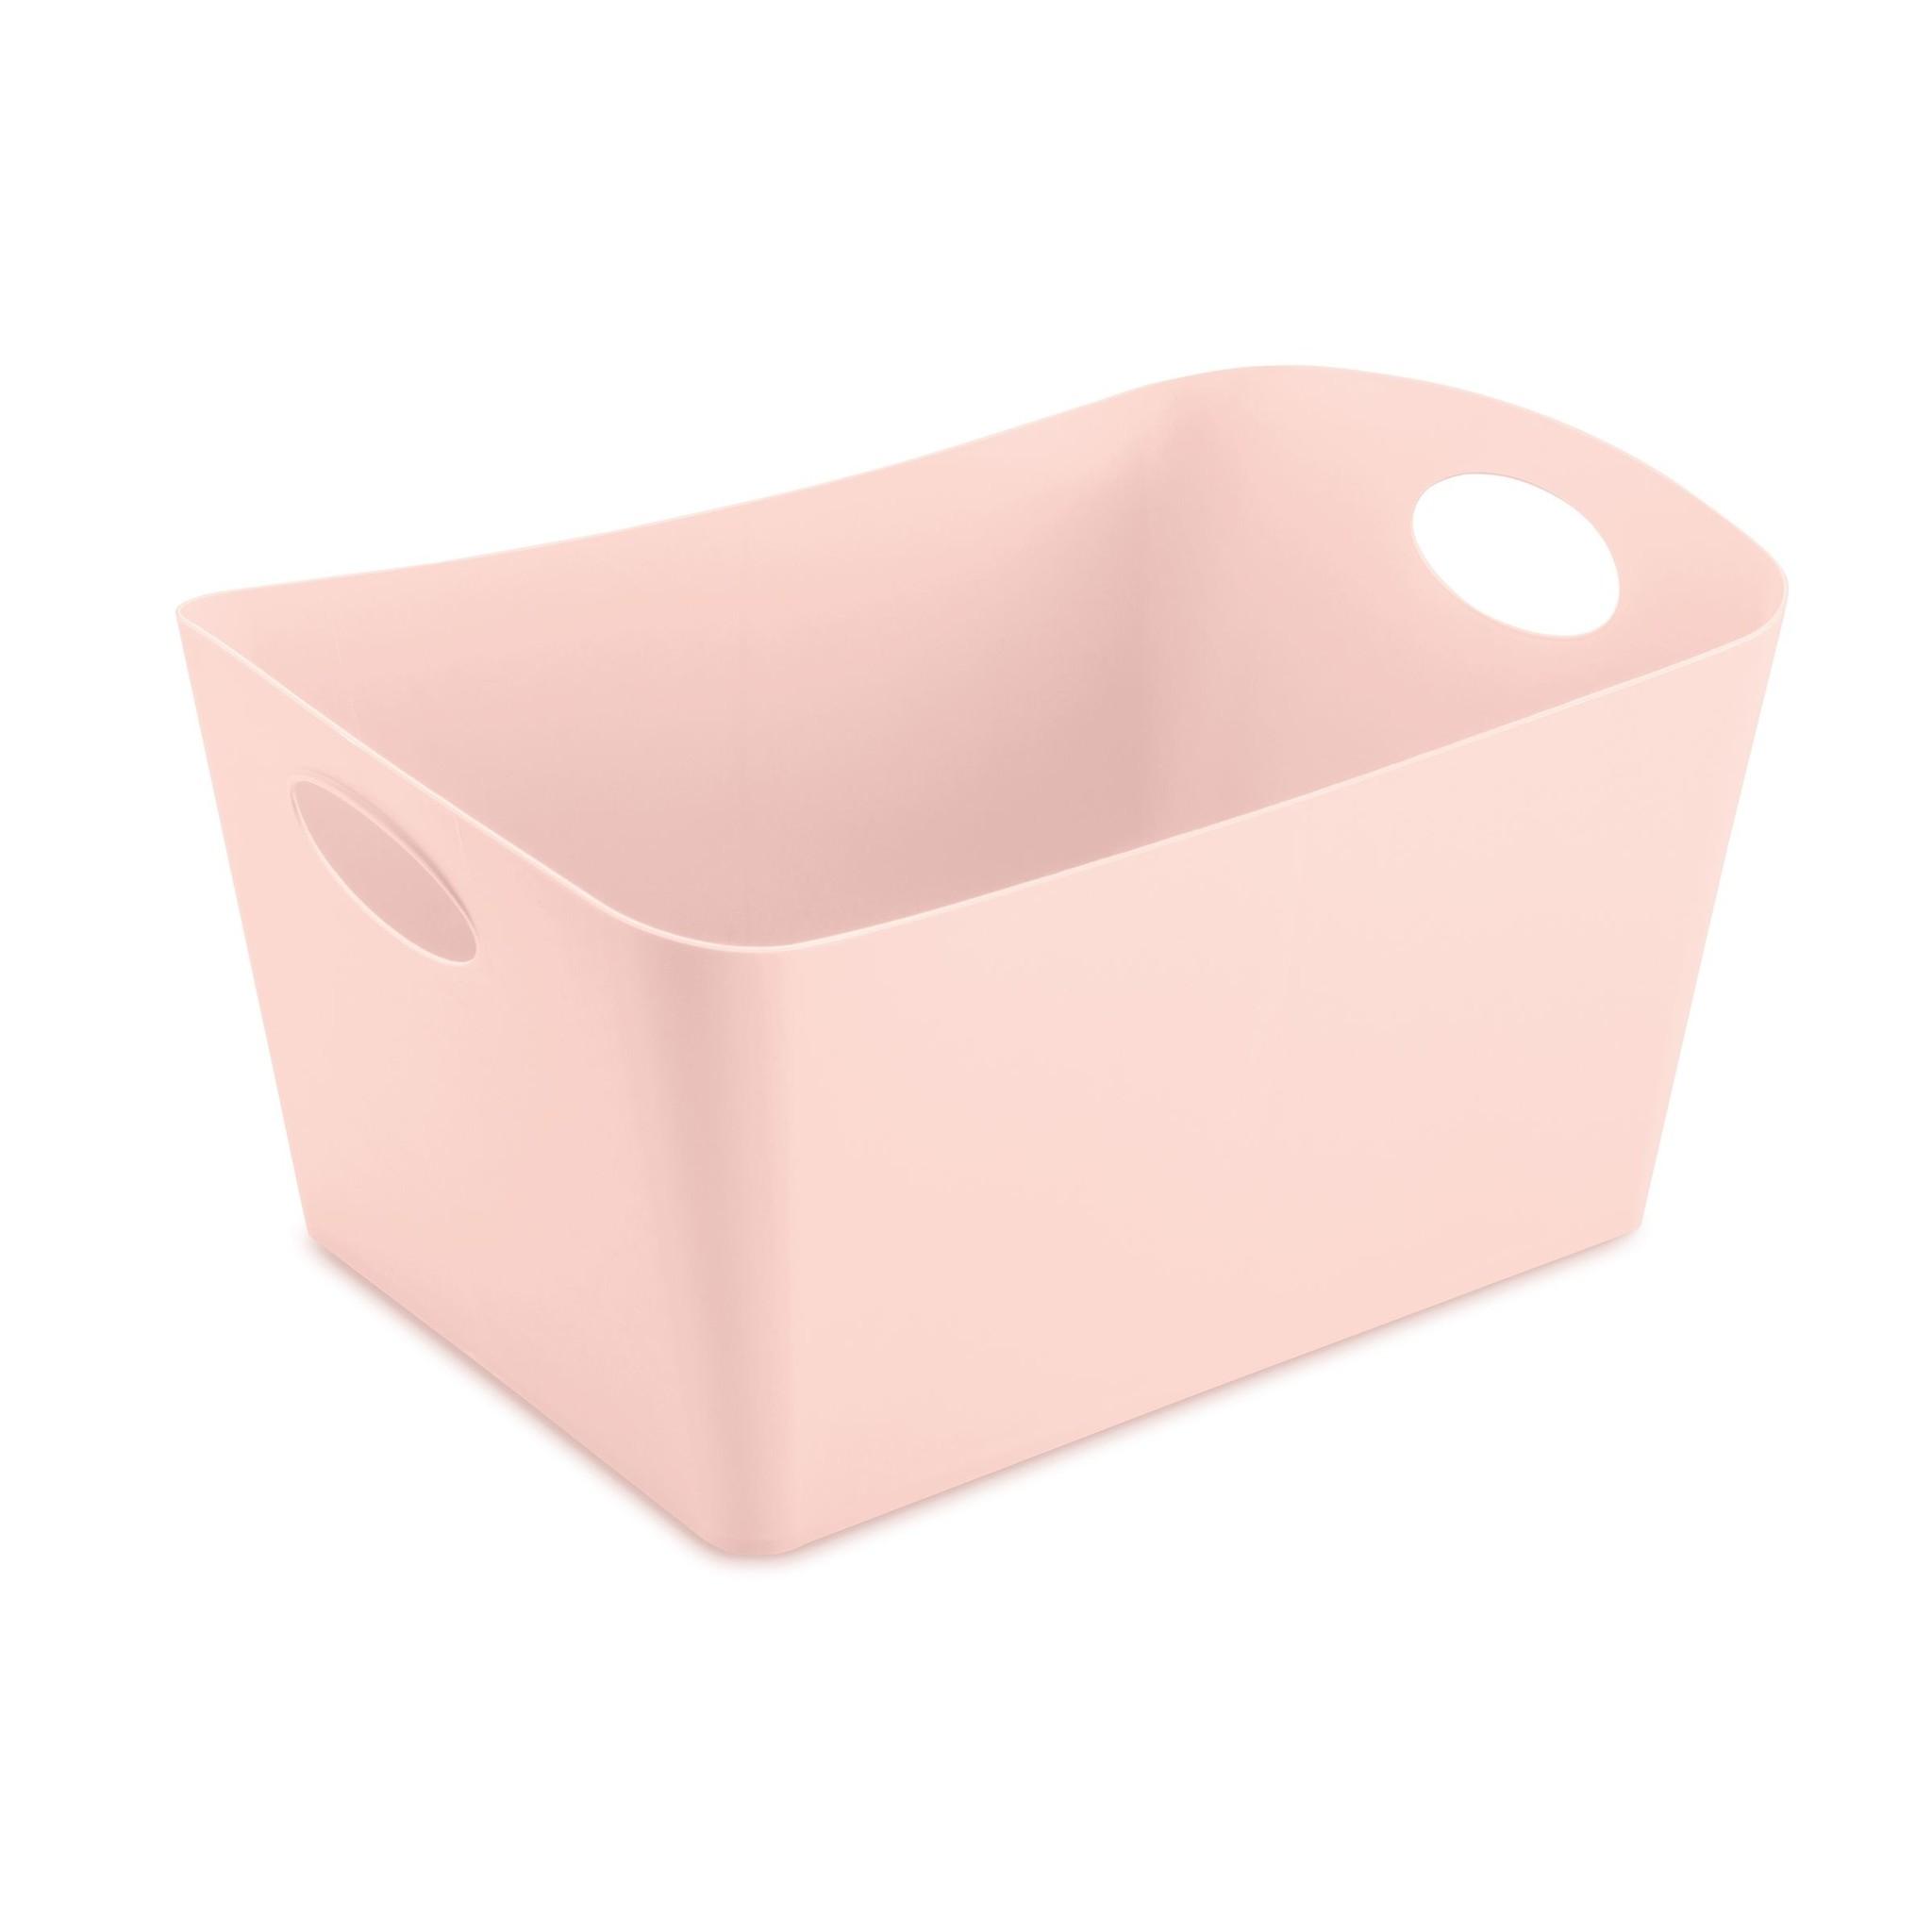 Koziol Boxxx M Opbergbox 3,5 liter